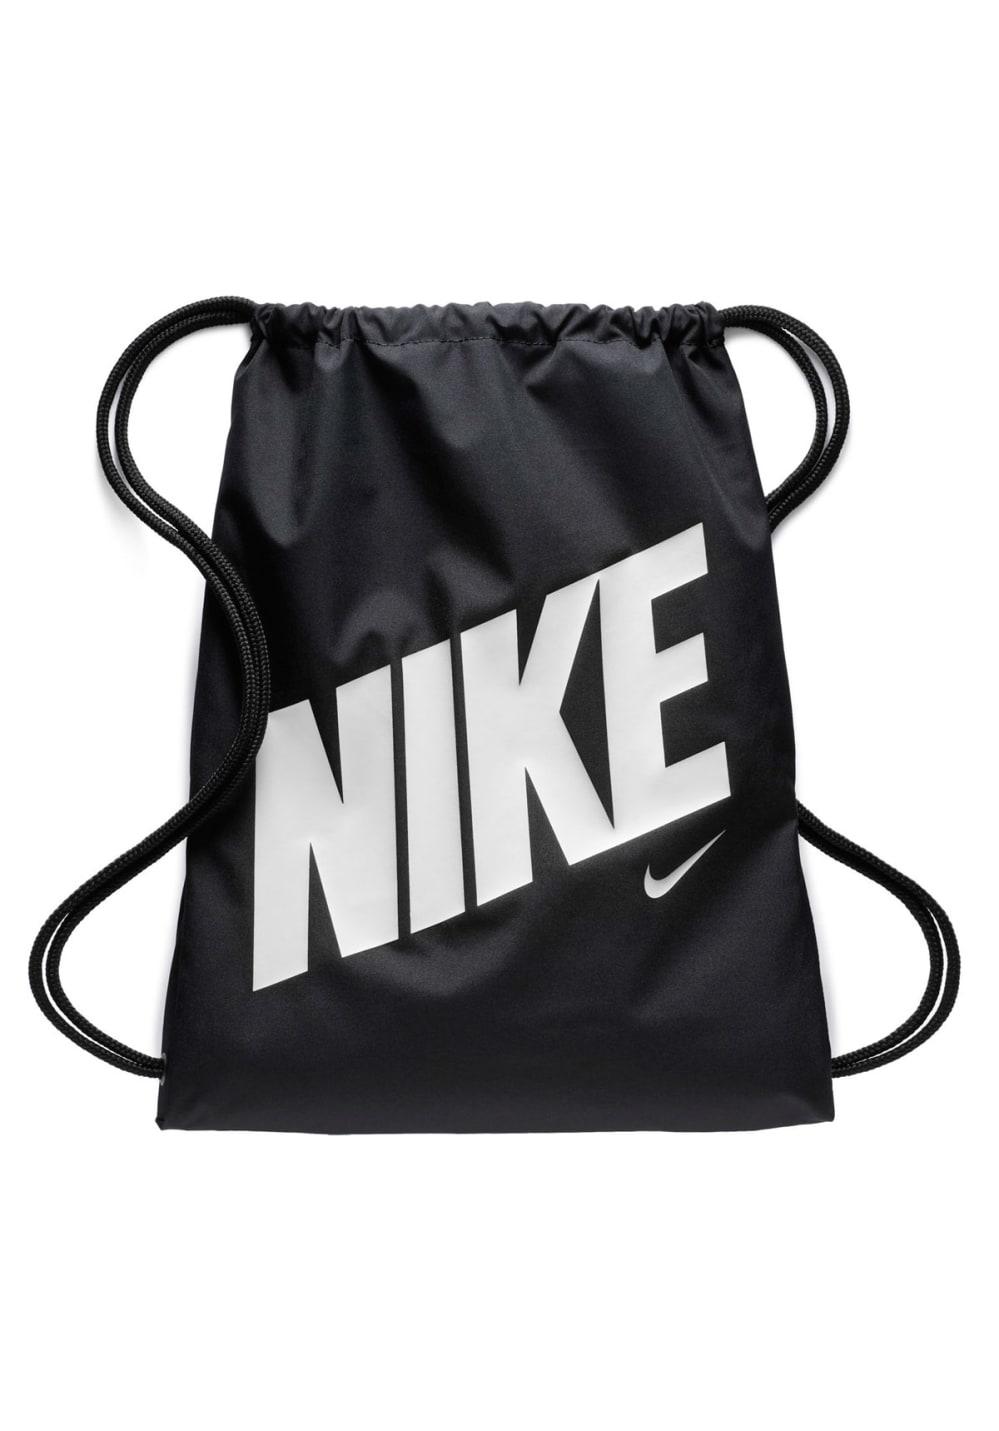 Sporttaschen für Frauen - Nike Kids Graphic Gym Sack Sporttaschen für Kinder Unisex Schwarz  - Onlineshop 21Run